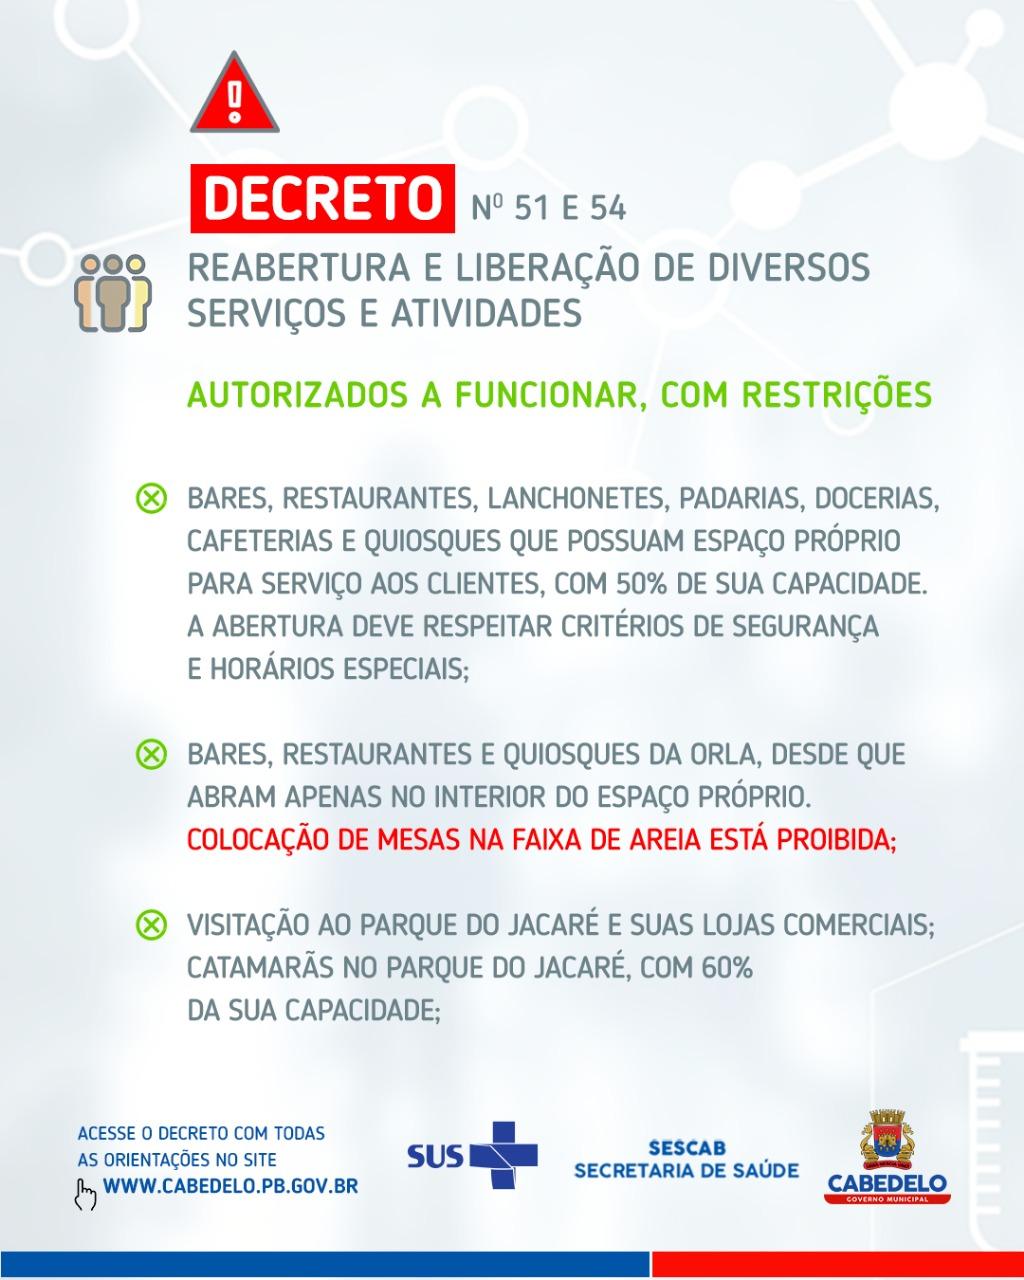 Em novos decretos, Prefeitura de Cabedelo libera, com restrições, funcionamento de bares, quiosques, restaurantes, Praças de Alimentação e academias de ginástica